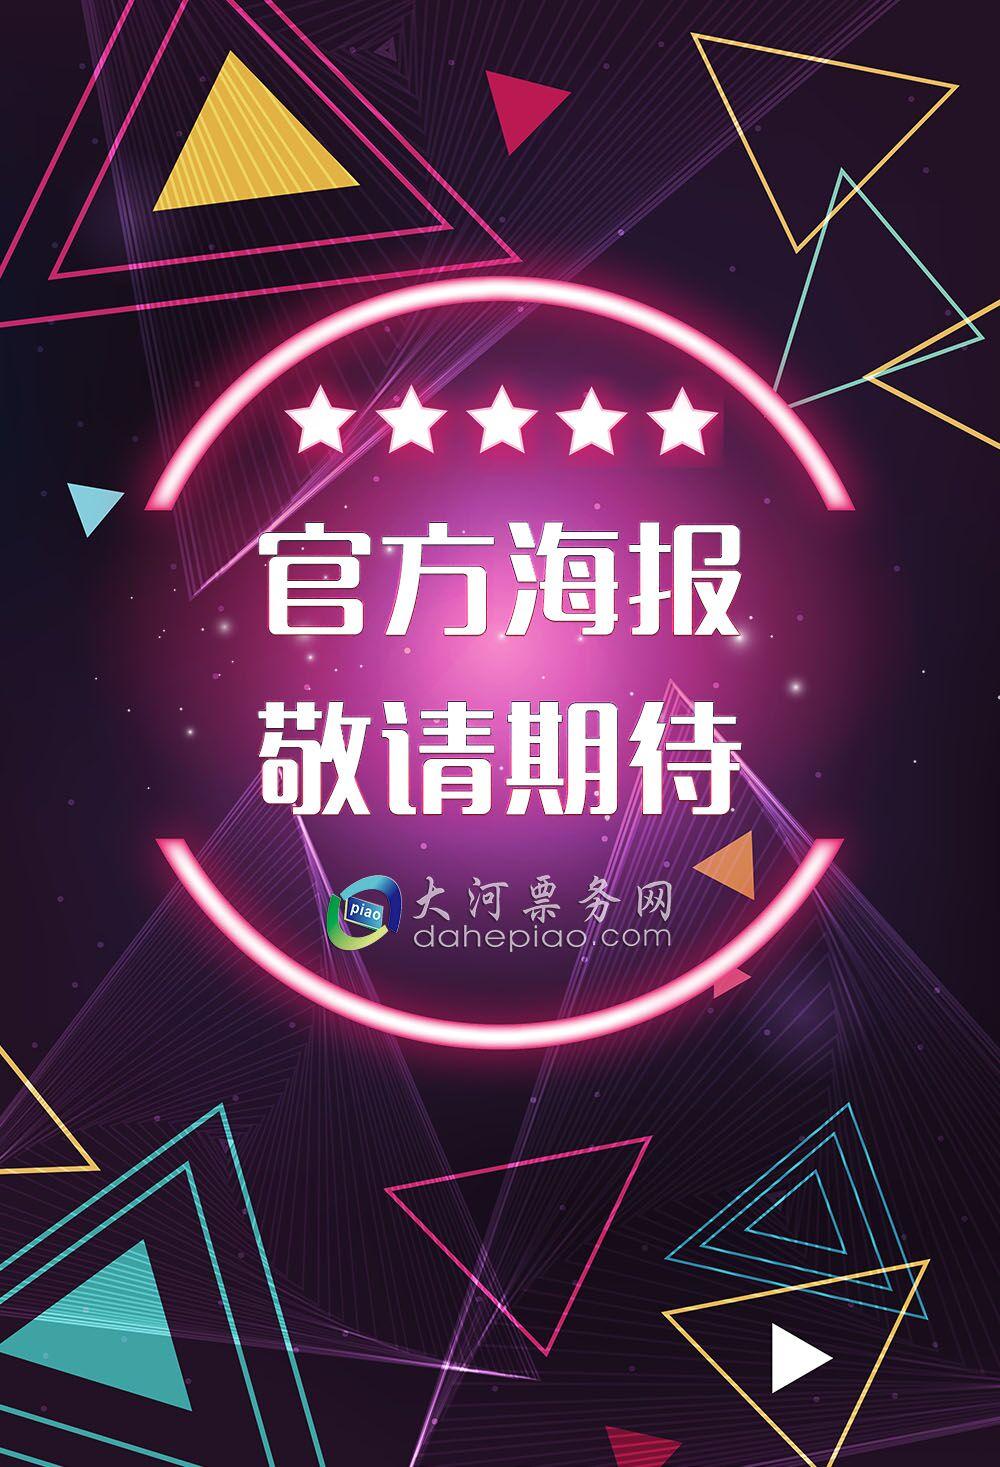 上海国际旅游文化音乐节